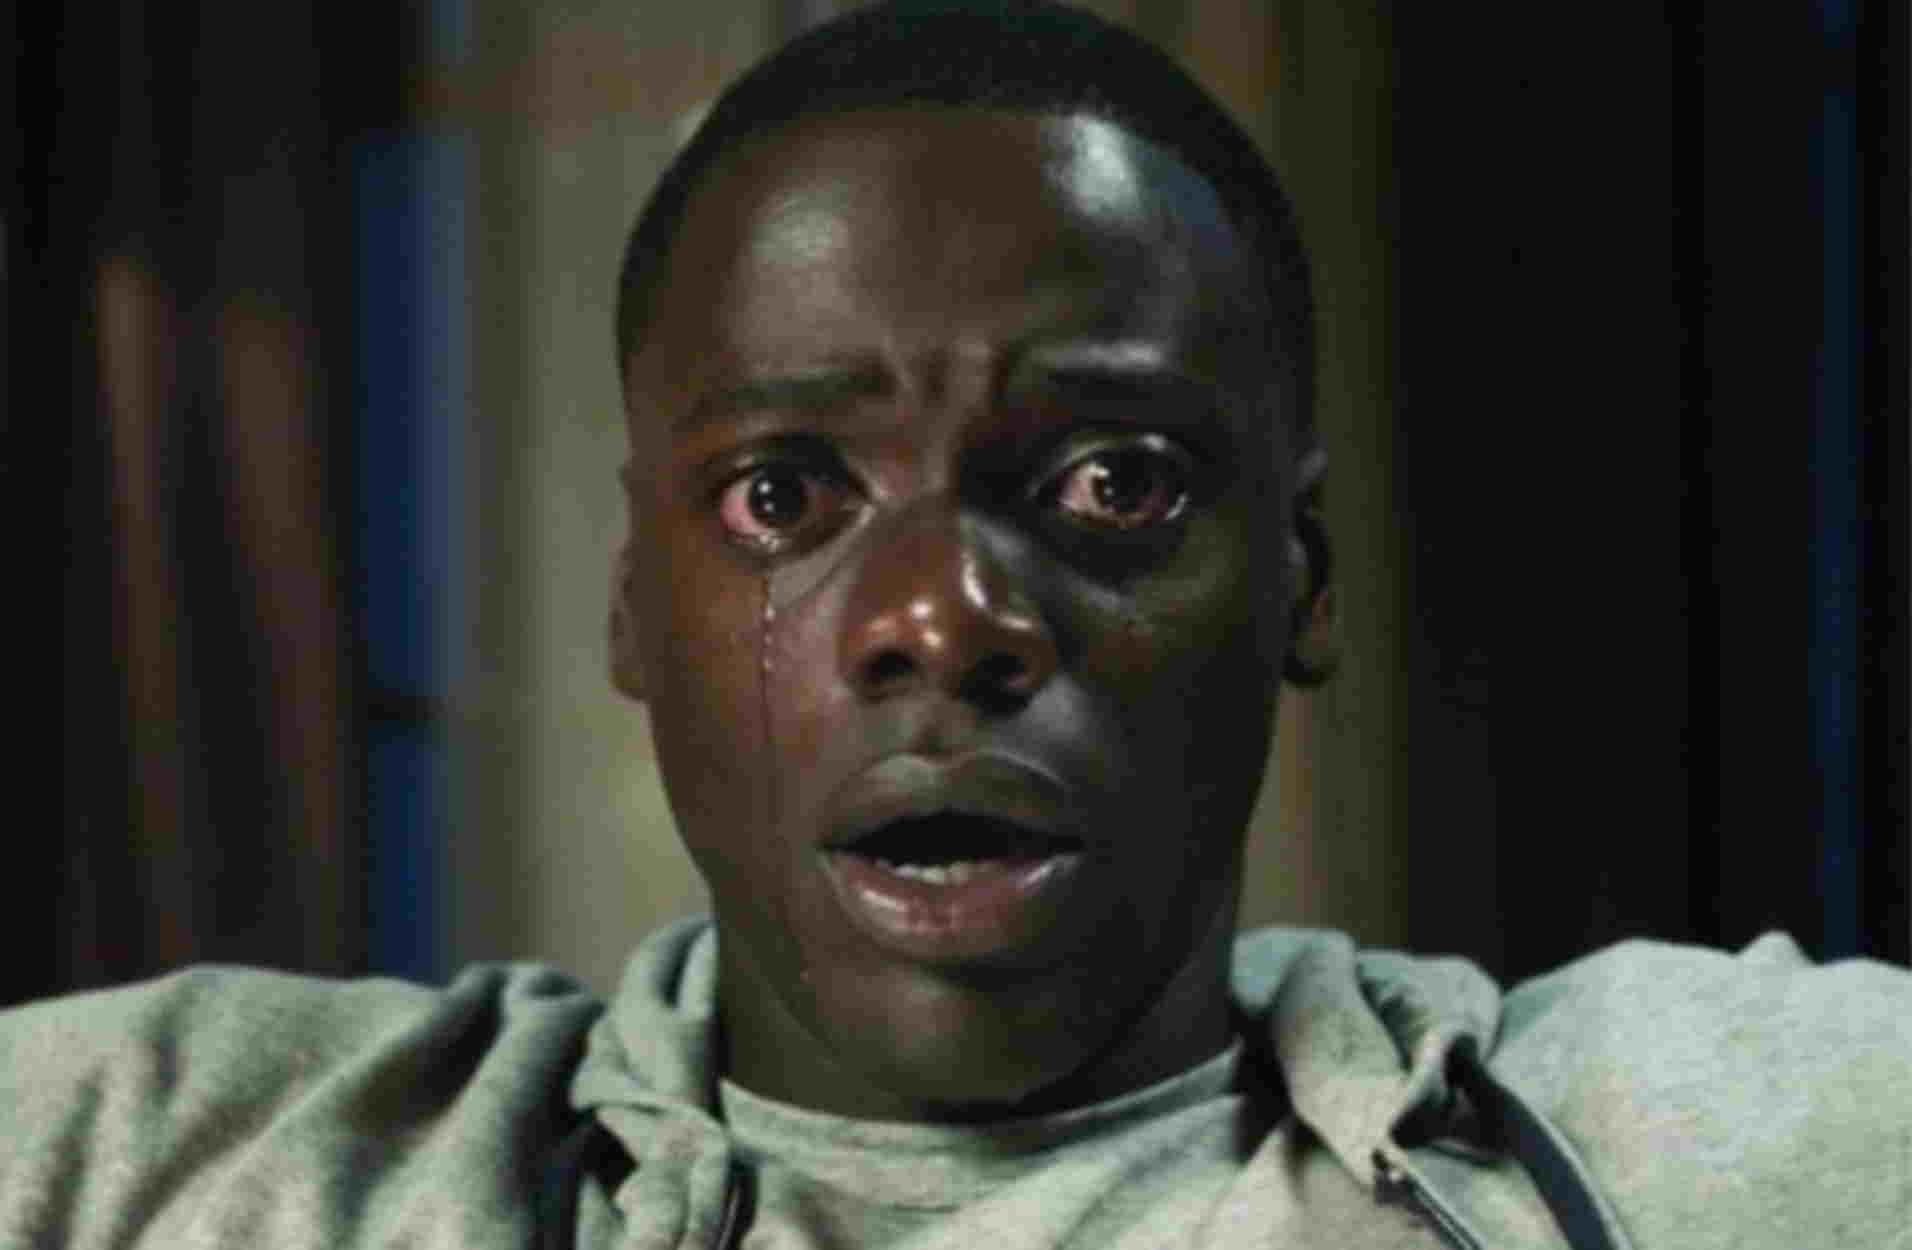 9 ταινίες που κόστισαν κάτω από 8 εκατ. δολάρια και σάρωσαν στο box office